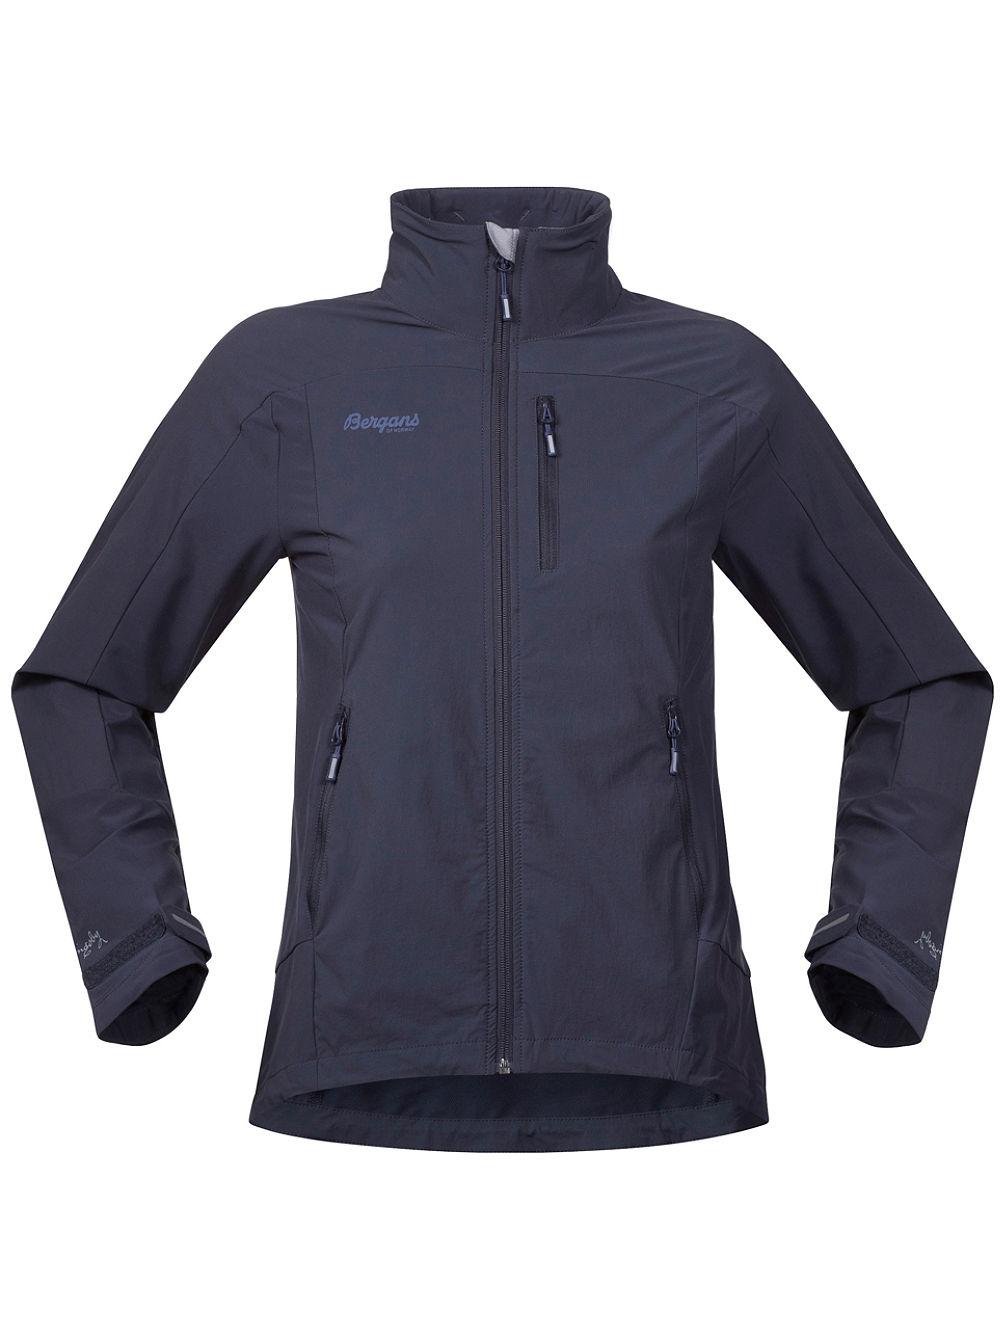 95e6e425 Buy Bergans Torfinnstind Outdoor Jacket online at Blue Tomato